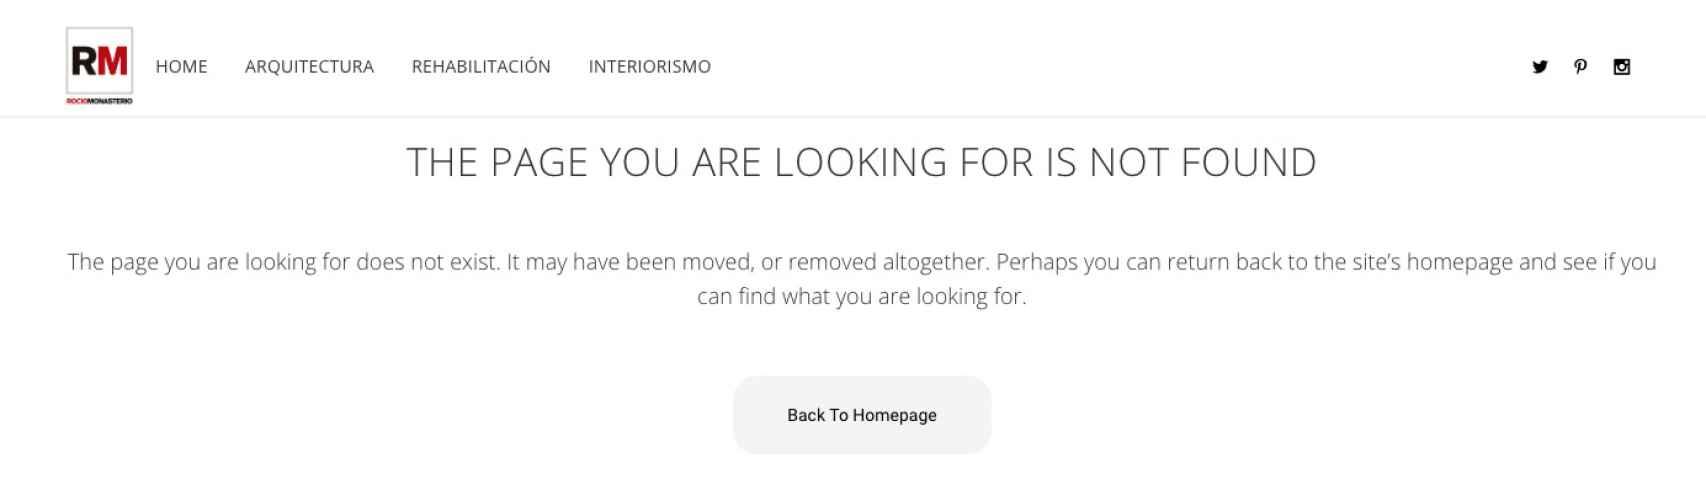 La web del estudio de Rocío Monasterio tras el borrado.